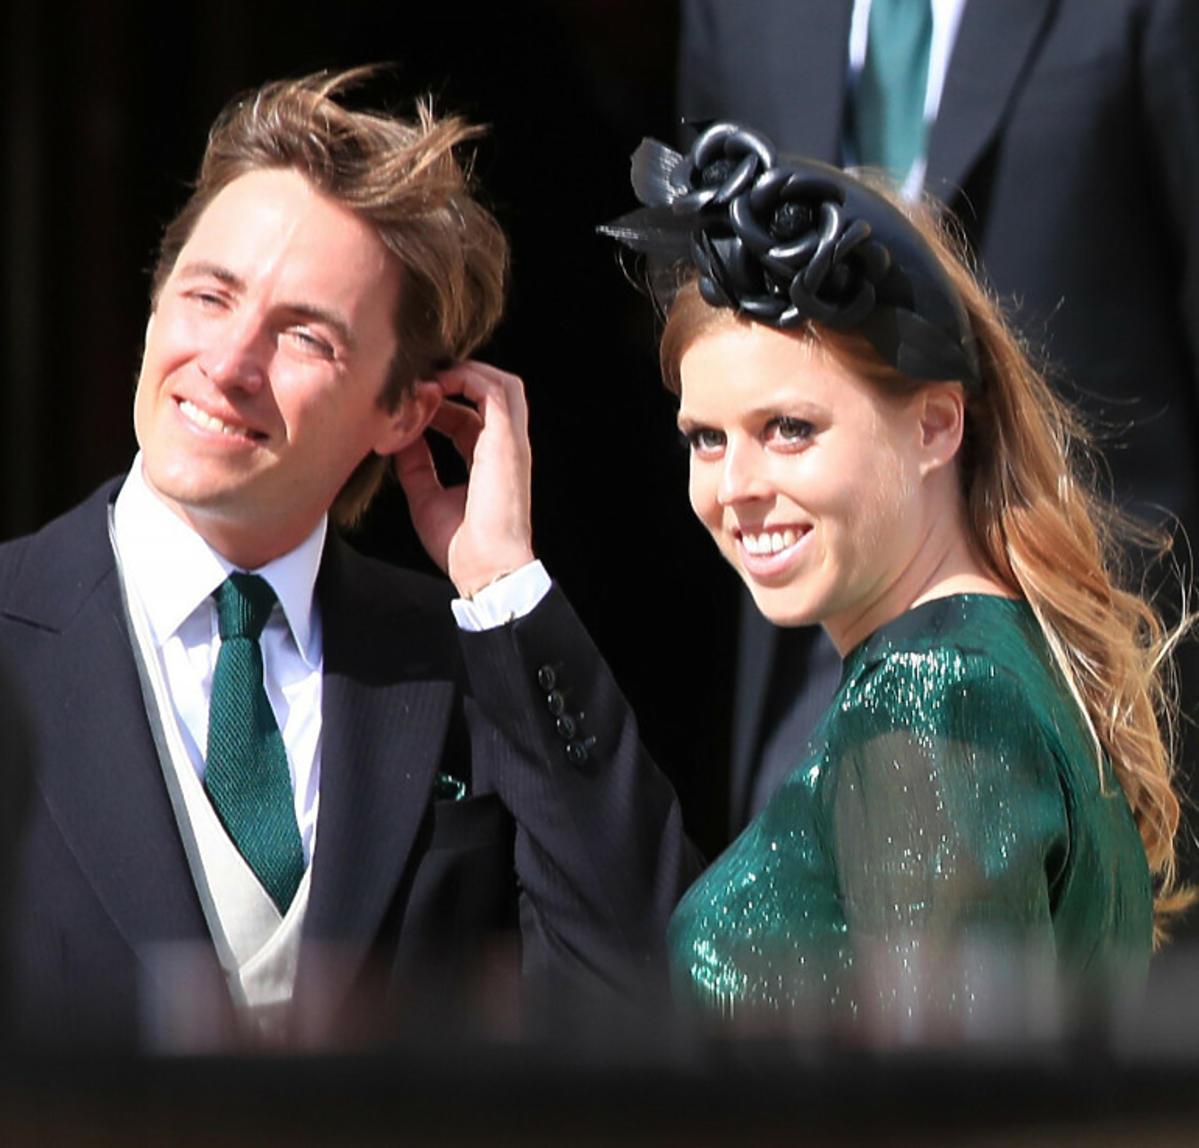 Księżniczka Beatrycze z mężem